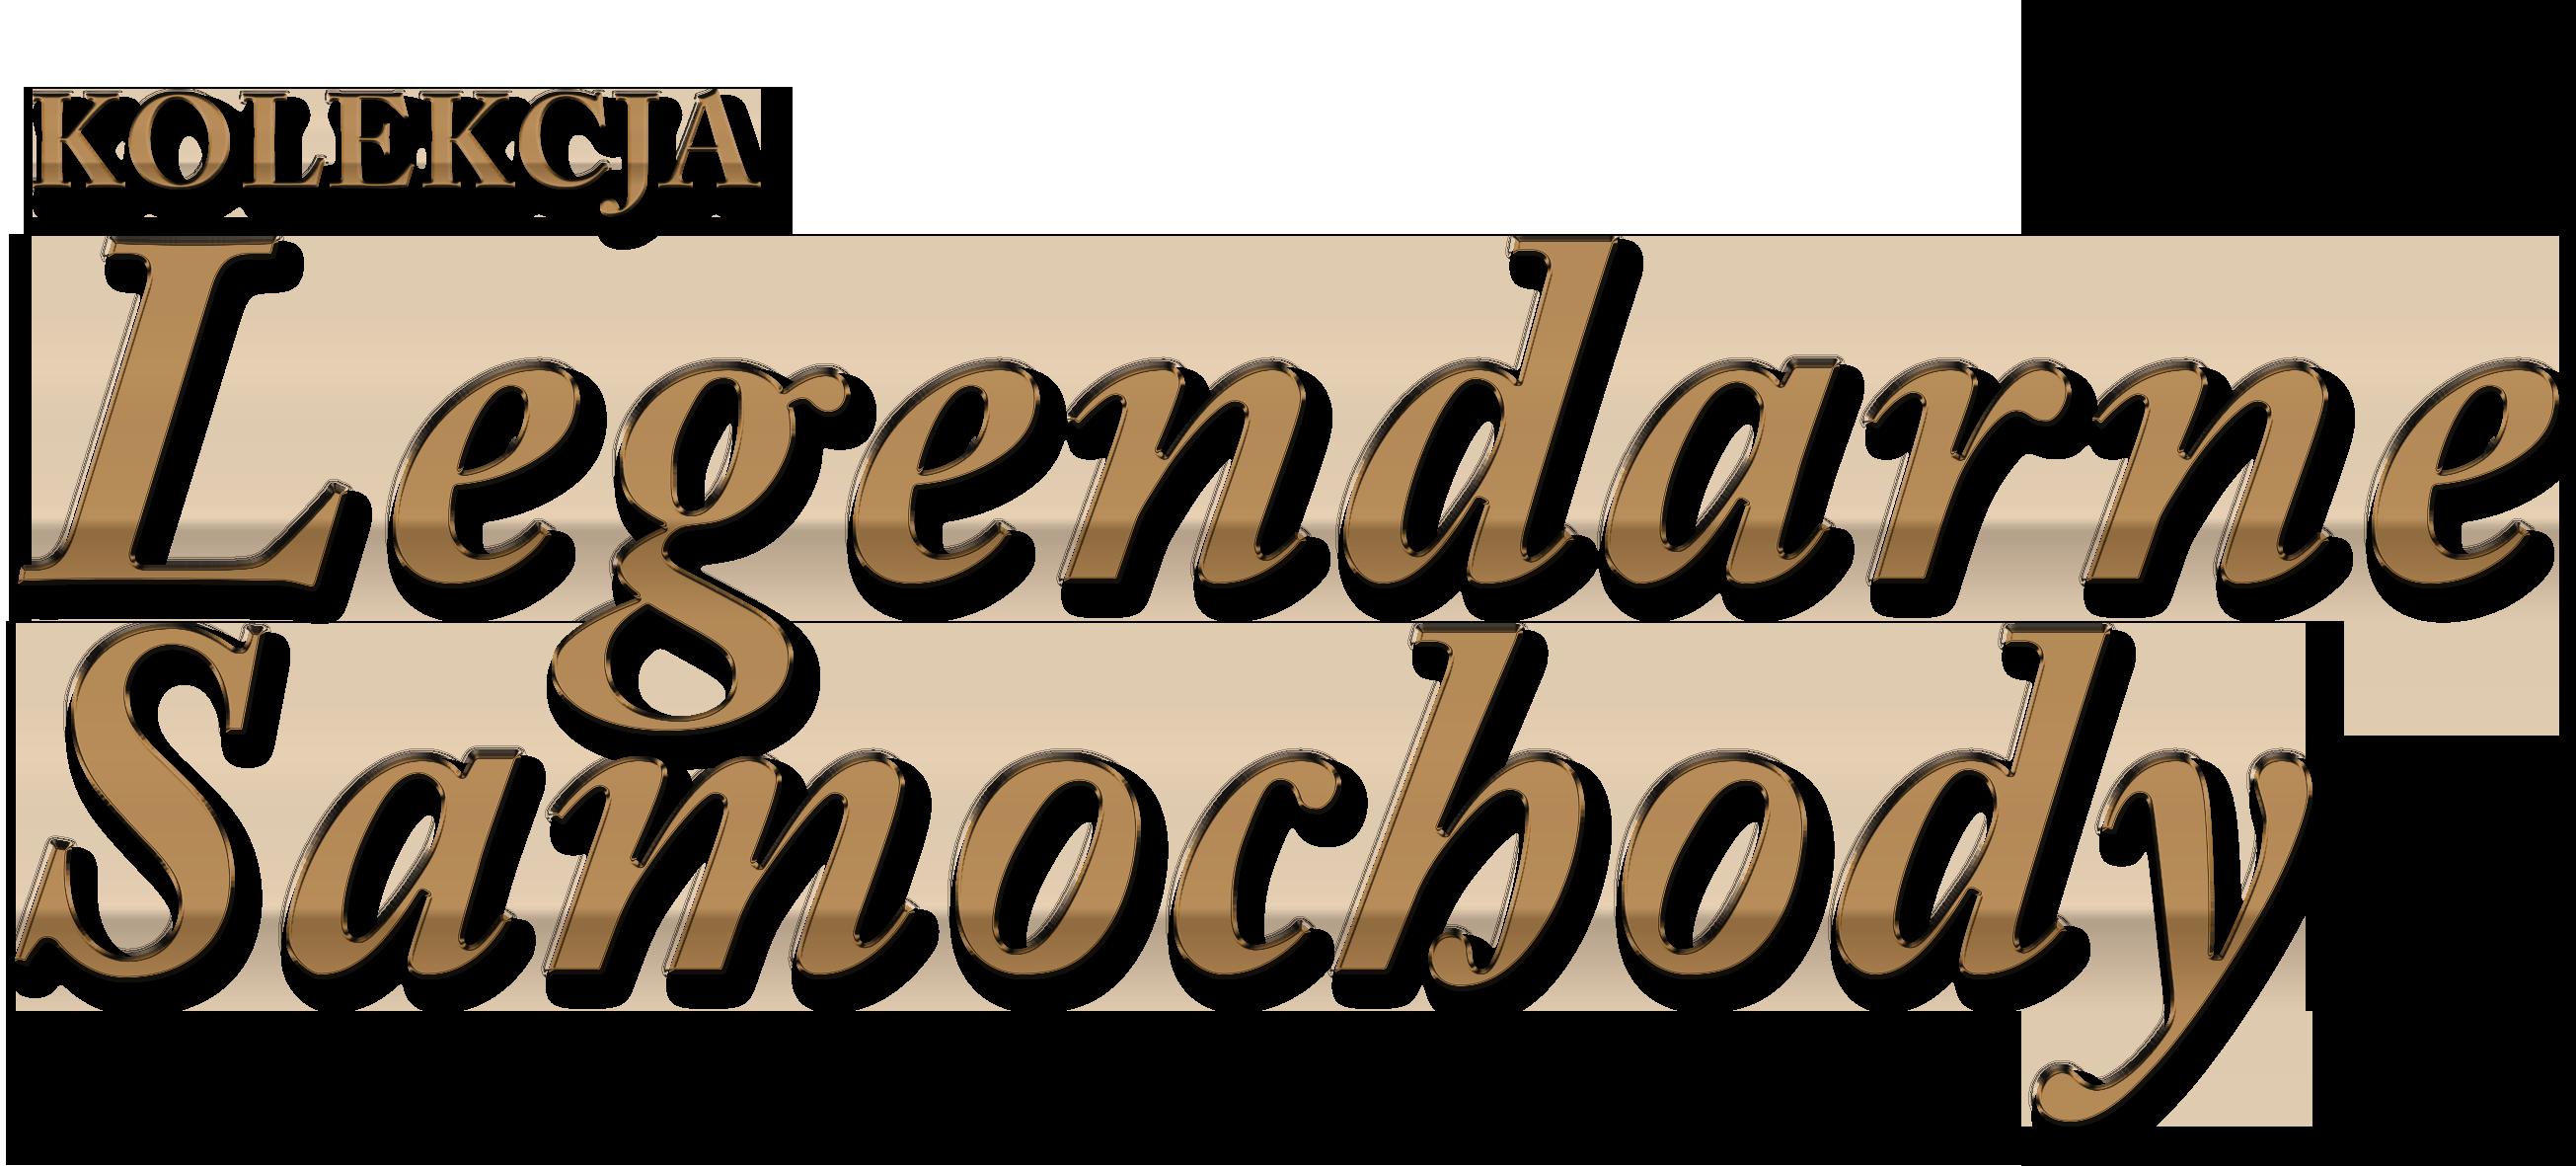 LOGO-KOLEKCJA-LEGENDARNYCH-SAMOCHODOW_v3.png